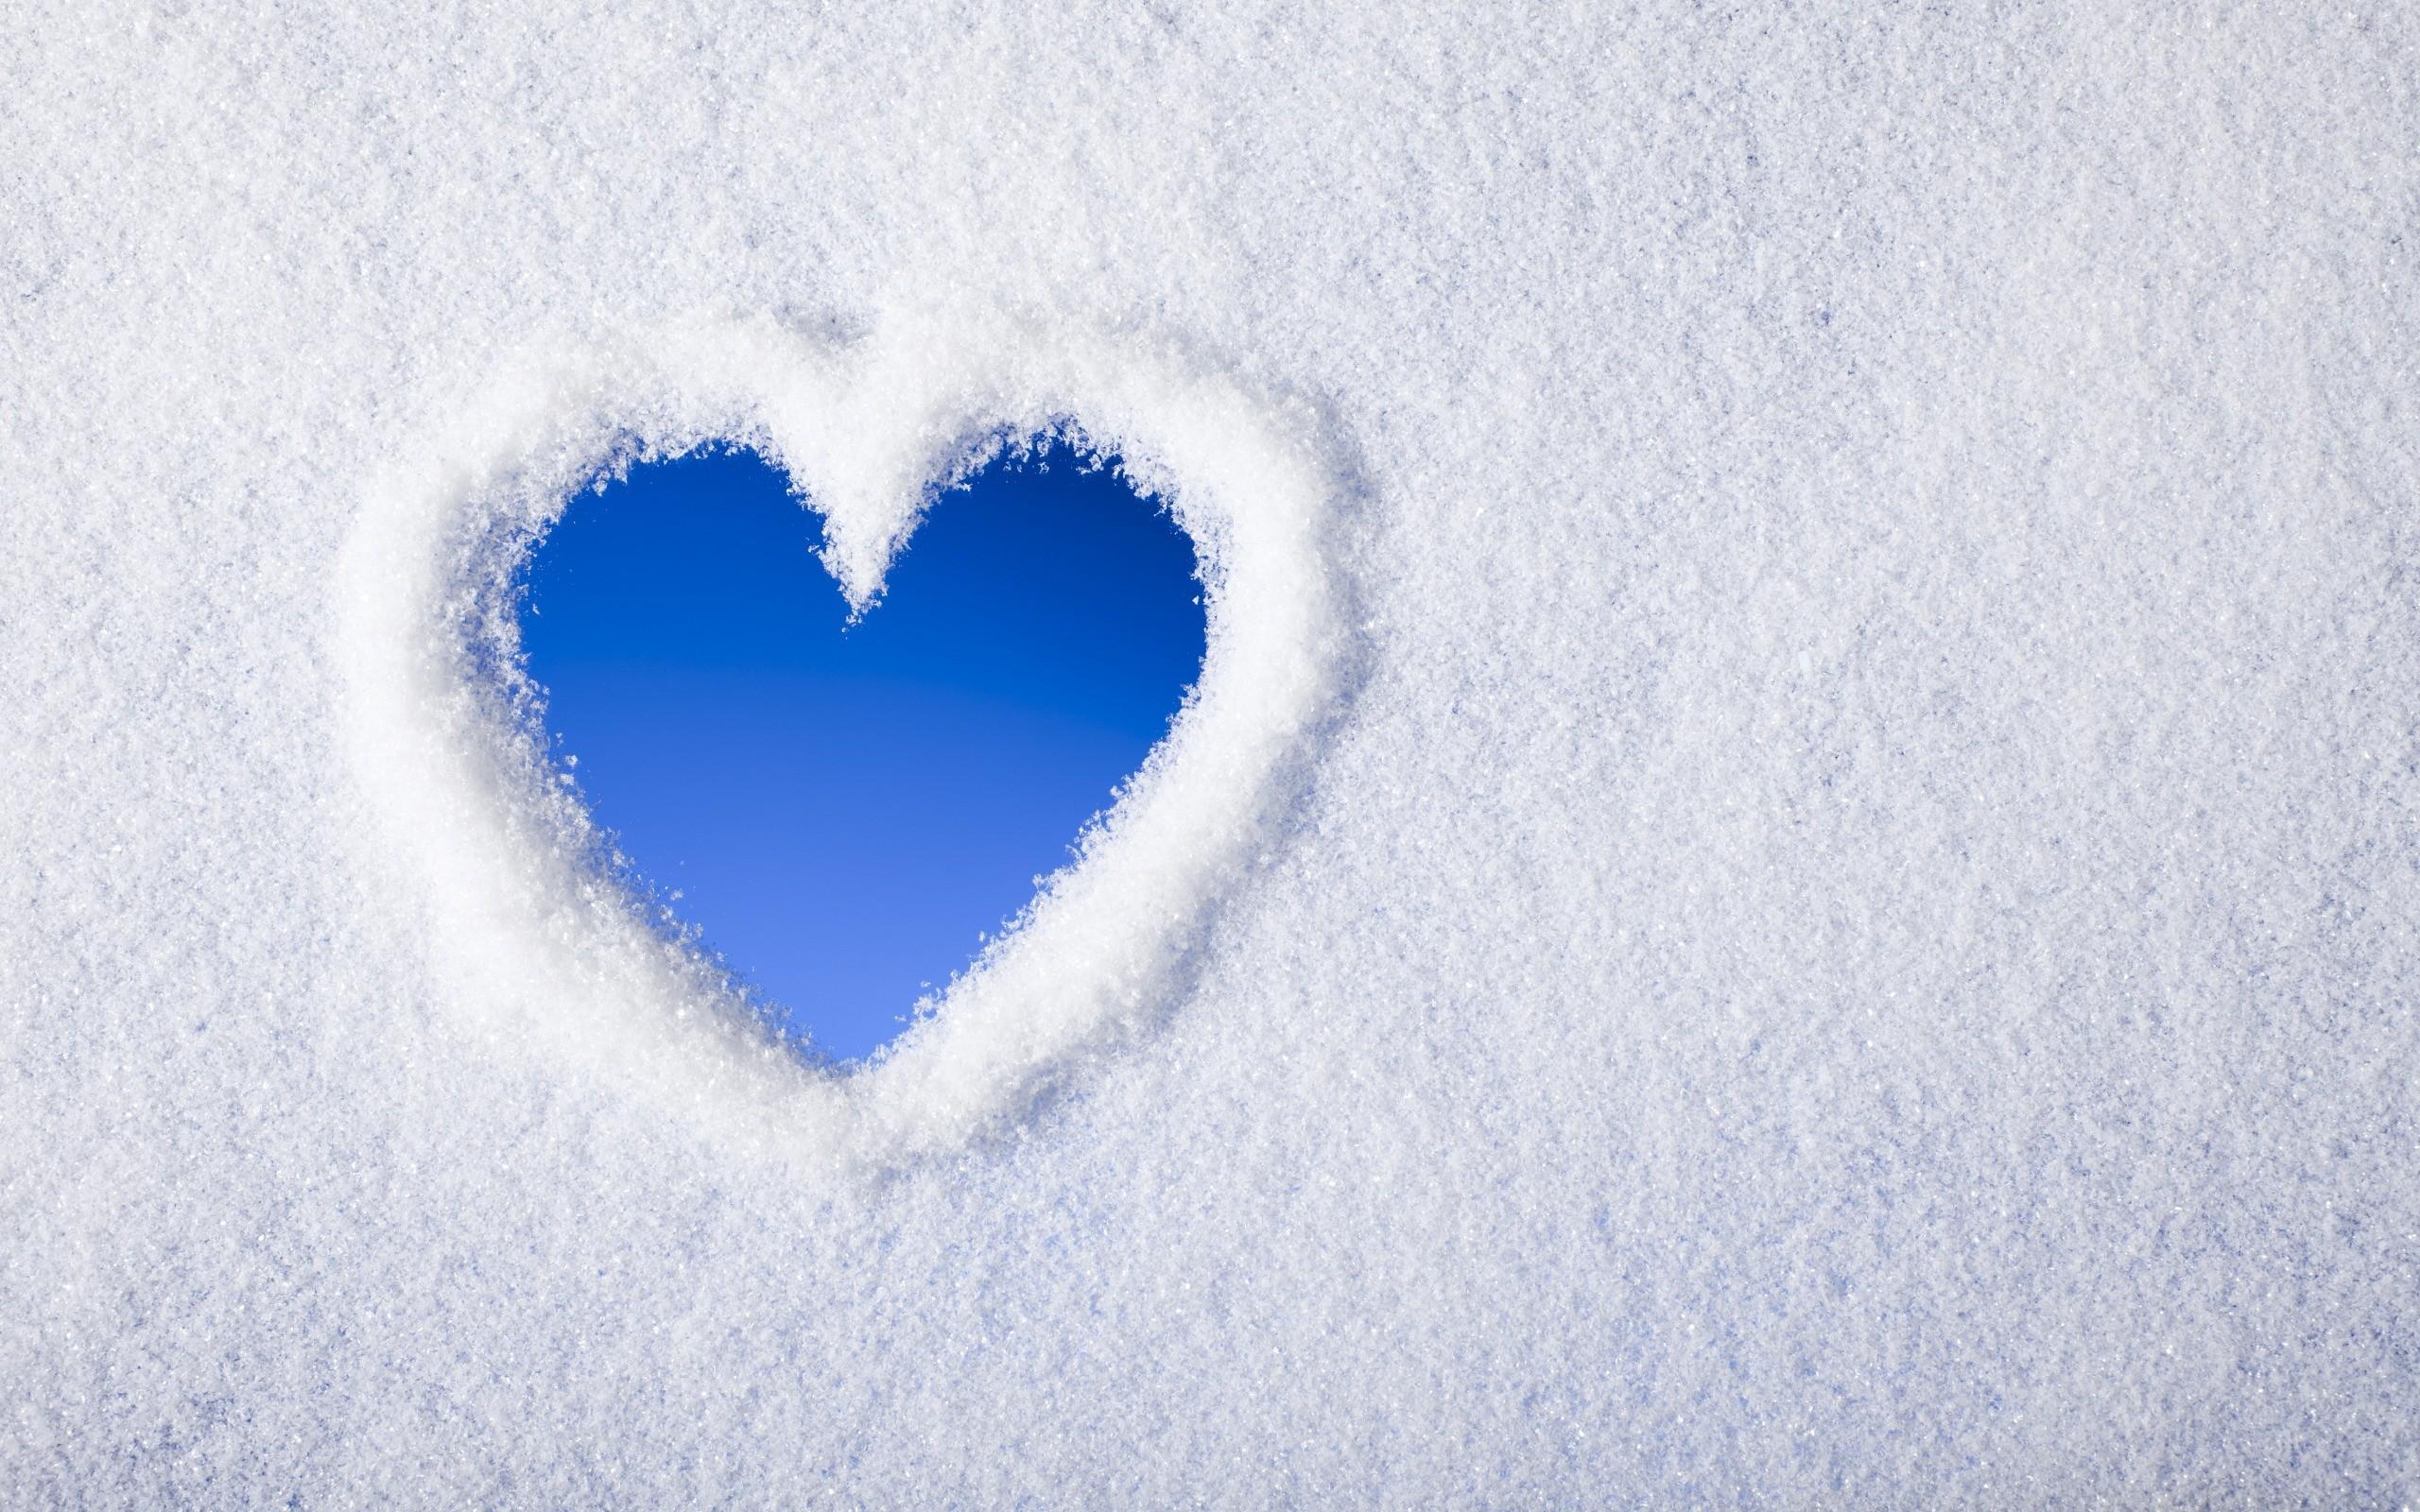 Un corazón con nieve - 2560x1600